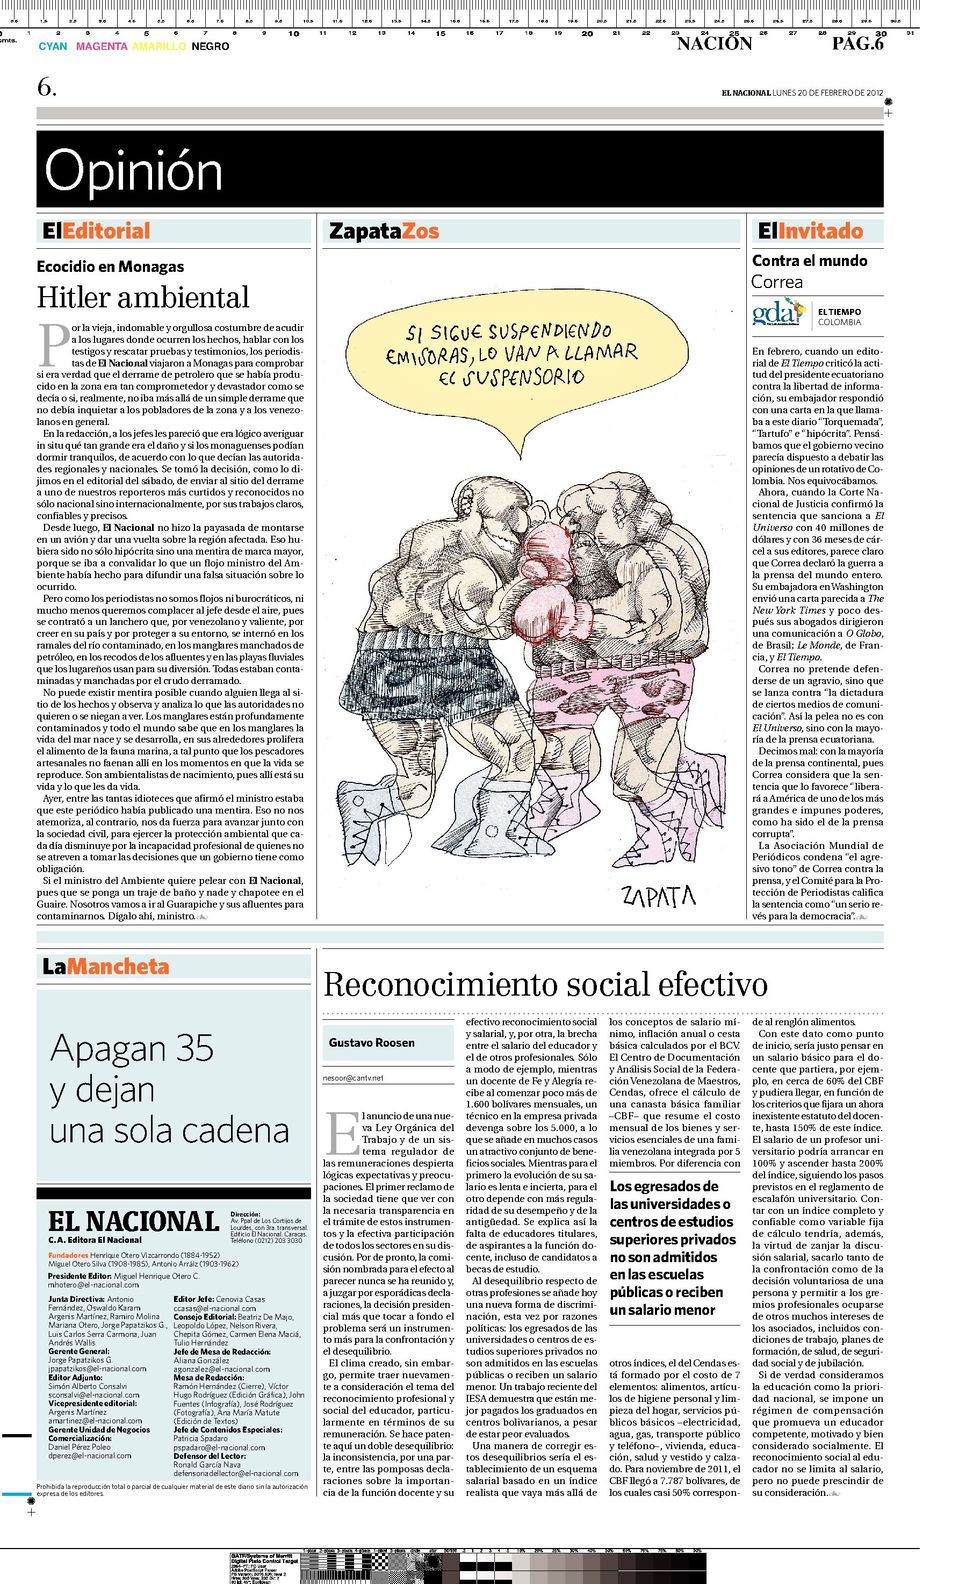 Periodismo comunitario mancheta for Ejemplo de una editorial de un periodico mural